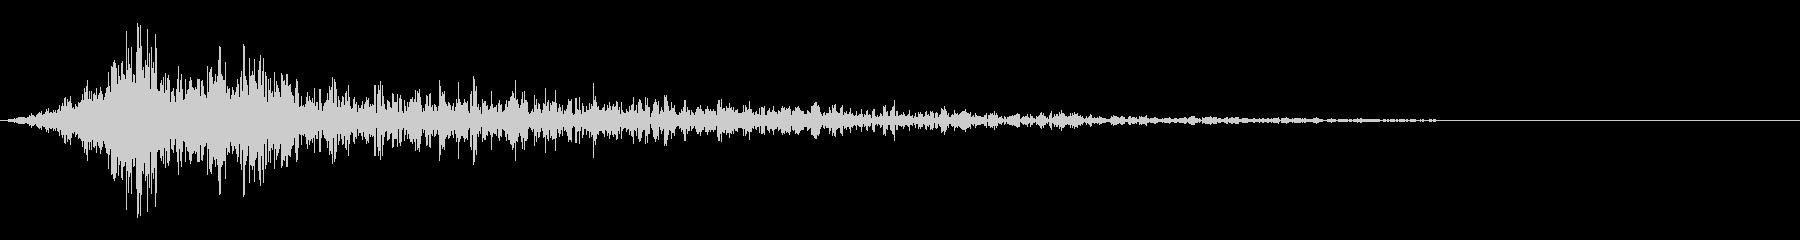 スティンガー-ホイップインパクト&...の未再生の波形